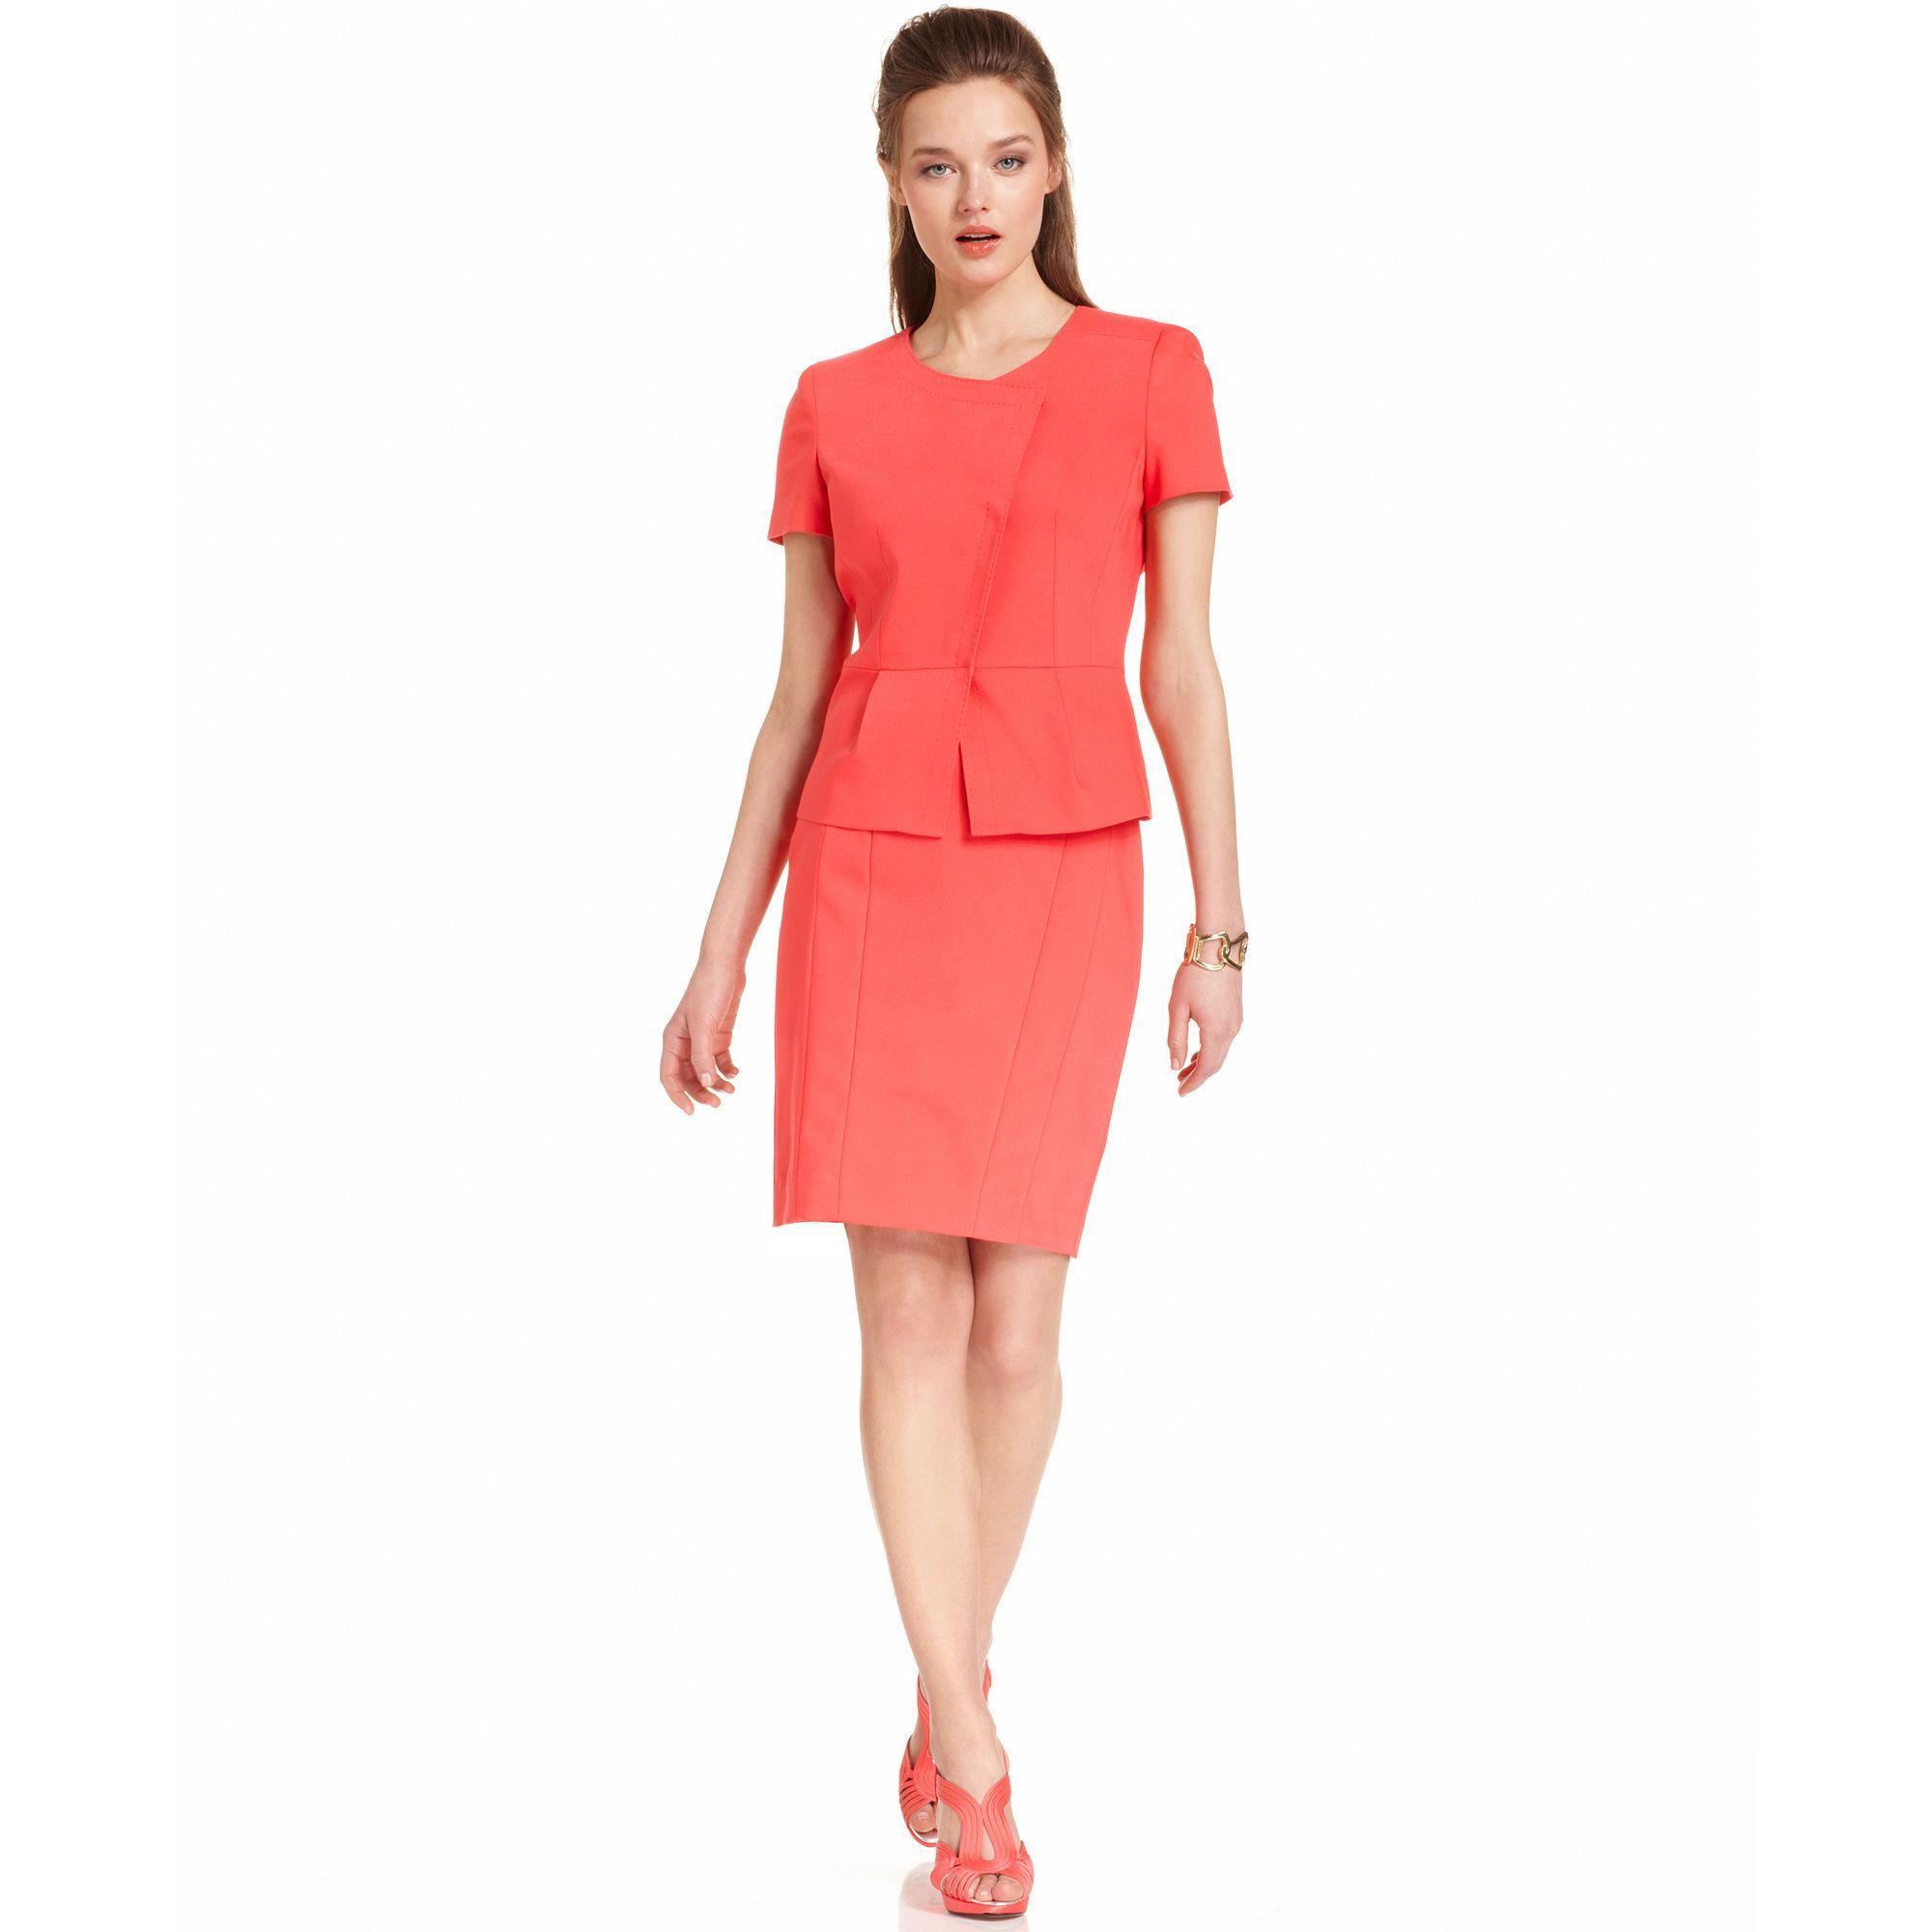 Anne klein Short Sleeve Peplum Jacket Skirt in Pink | Lyst